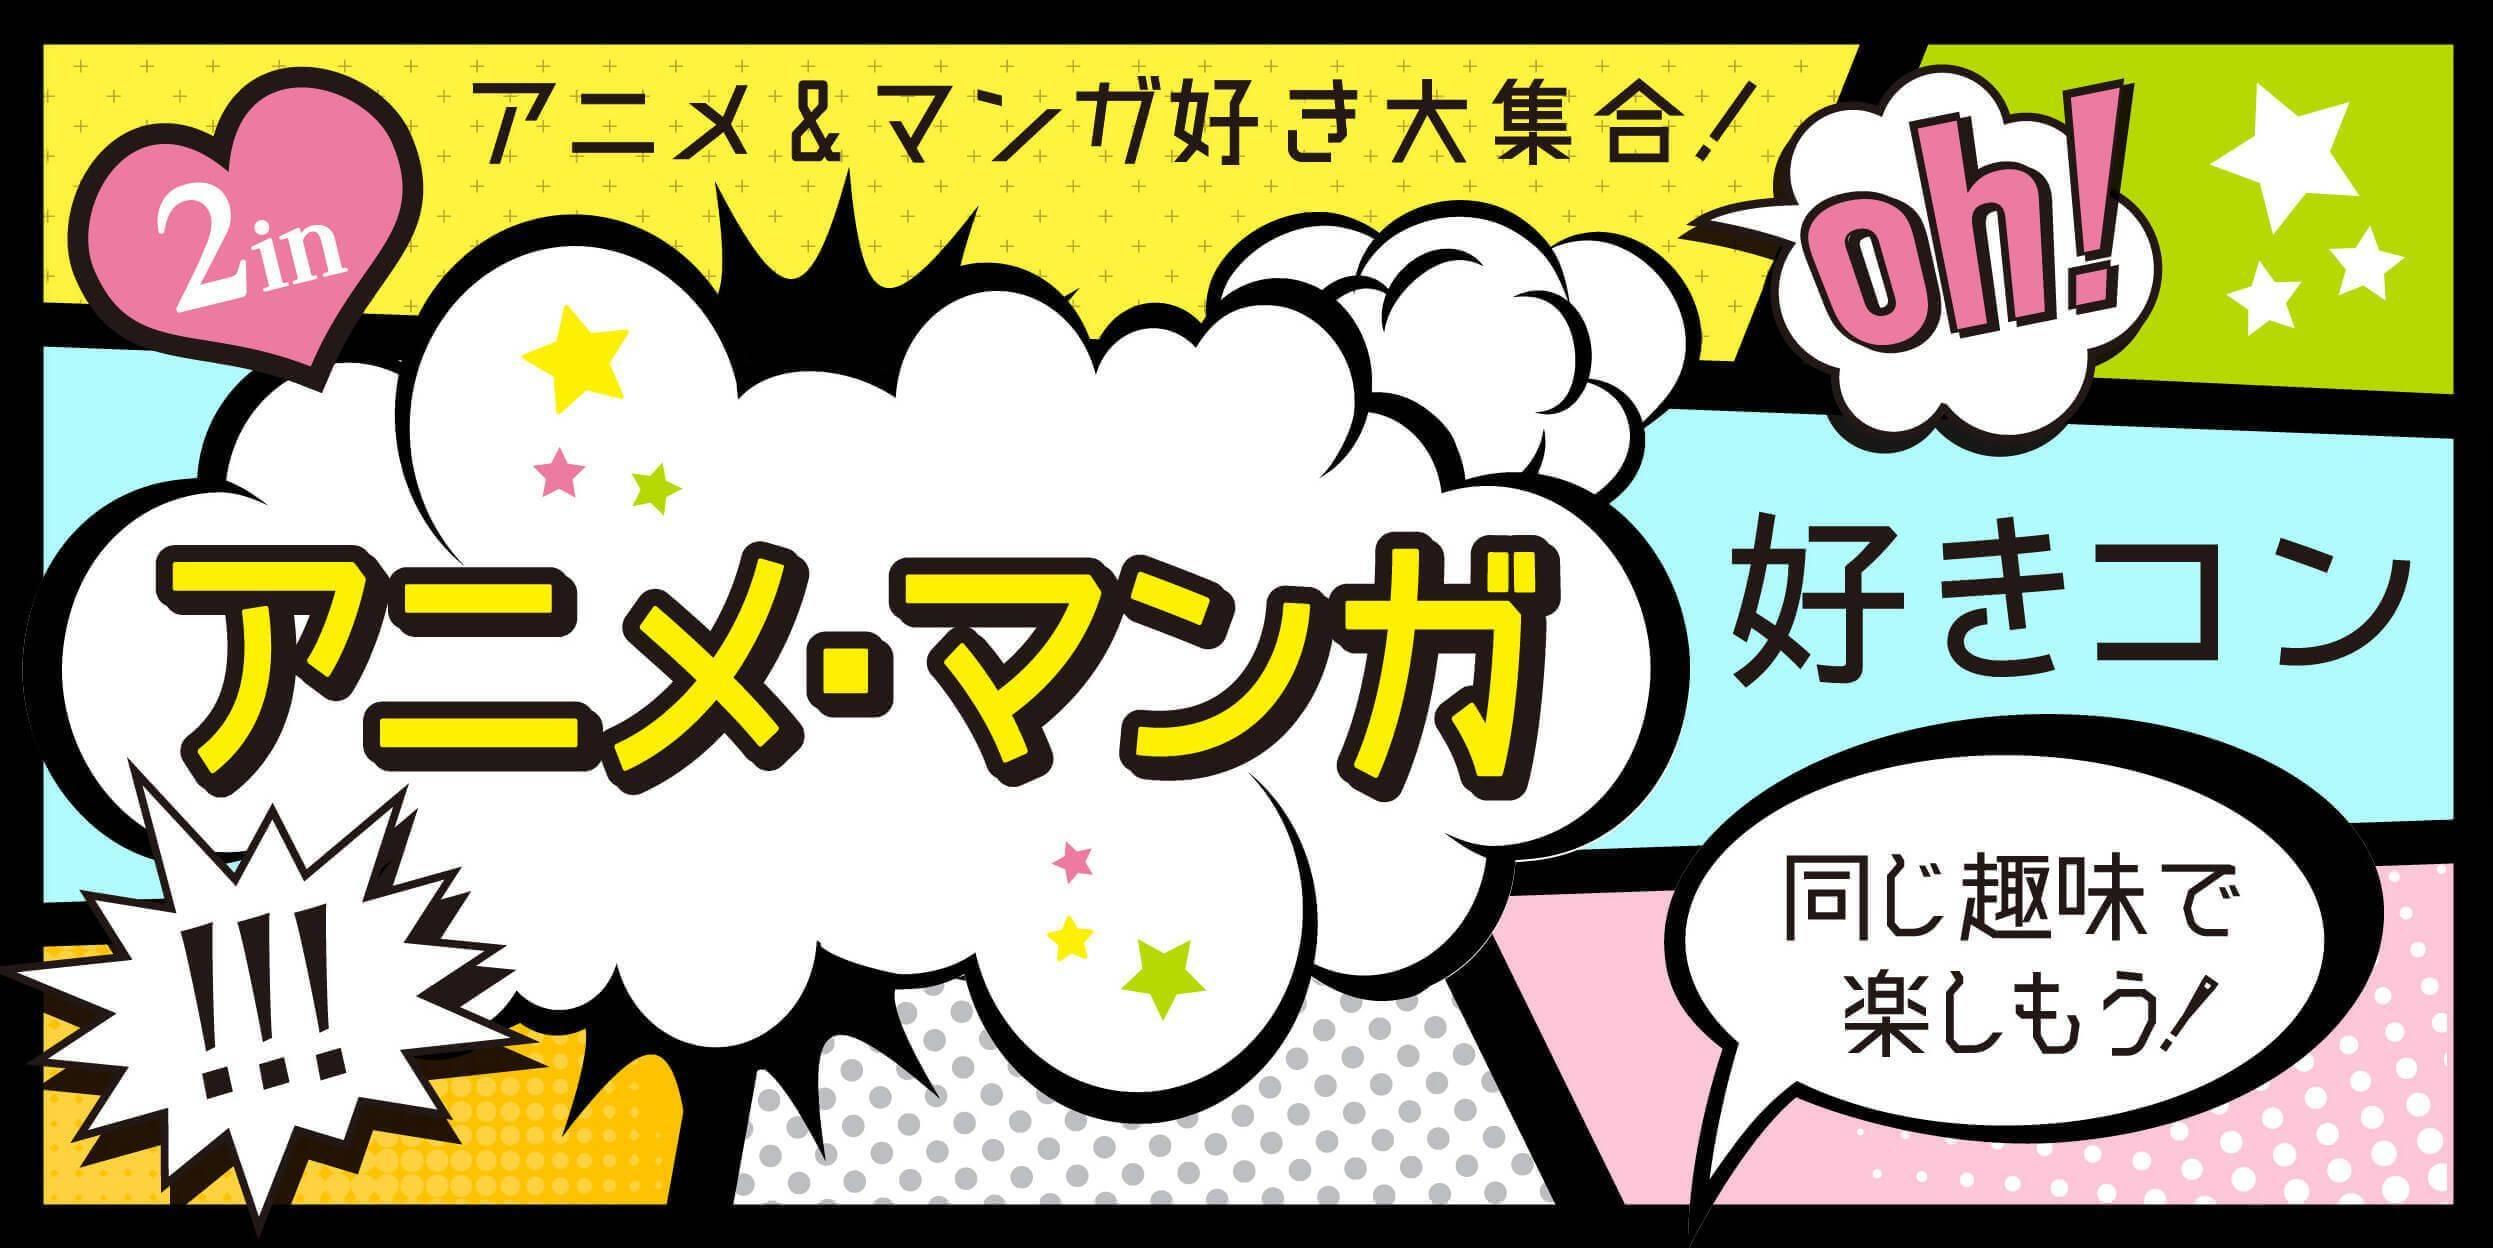 【高松のプチ街コン】合同会社ツイン主催 2017年7月1日